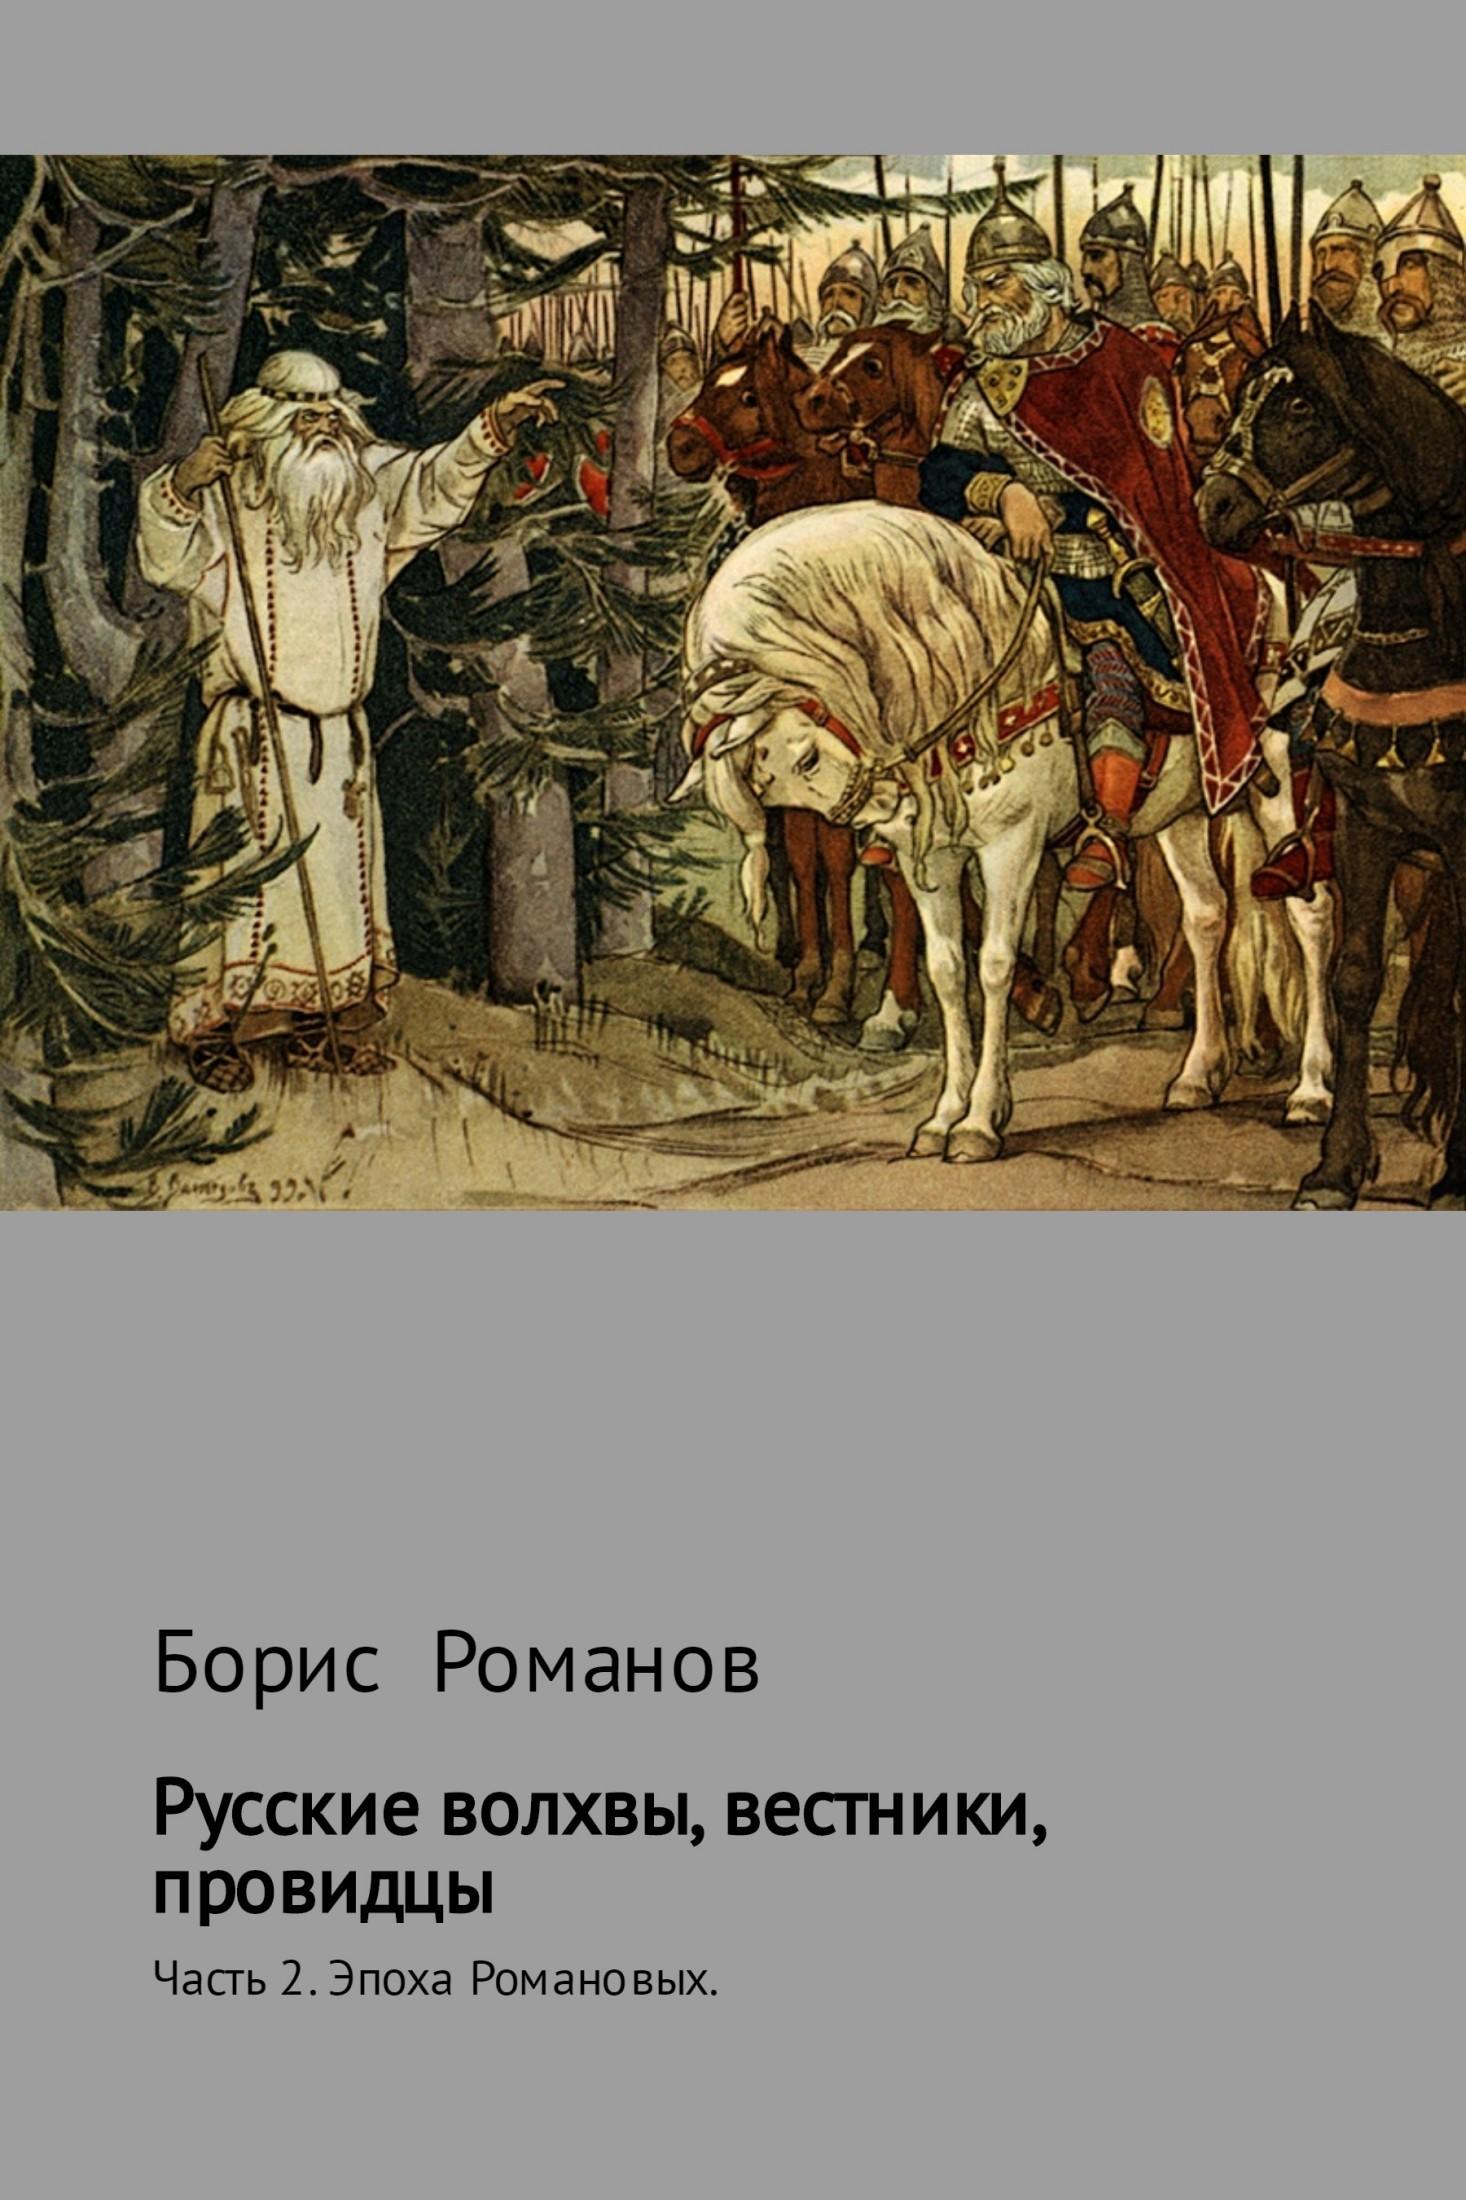 Борис Романов Русские волхвы, вестники, провидцы. Часть 2. Эпоха Романовых